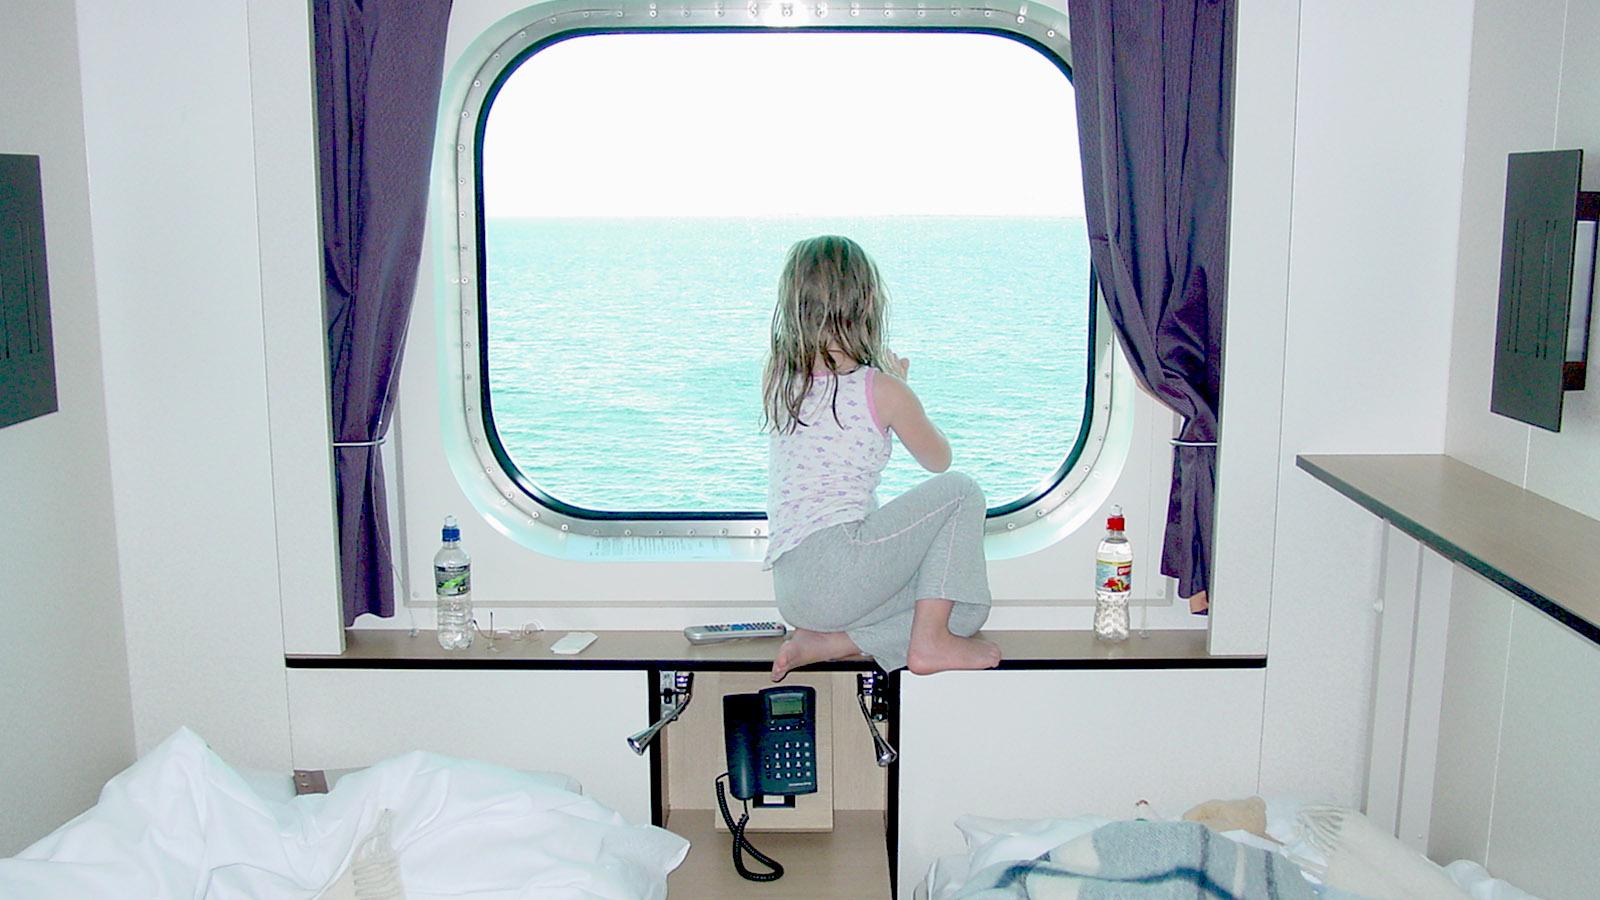 Unsere Kabine an Bord von MS Fram. Foto: Hilke Maunder